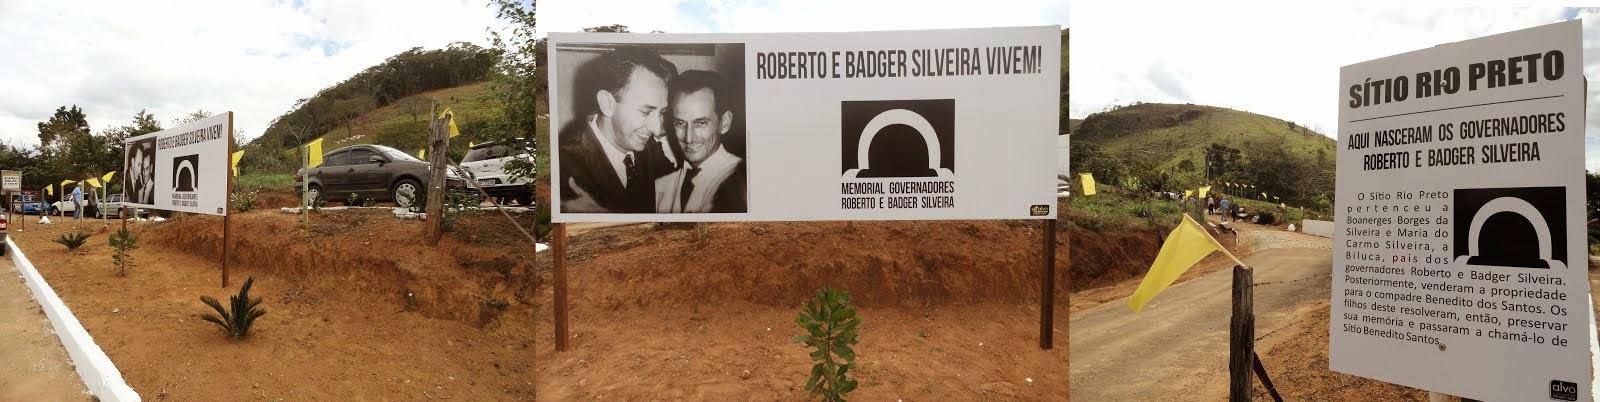 Memorial governadores Roberto e Badger Silveira